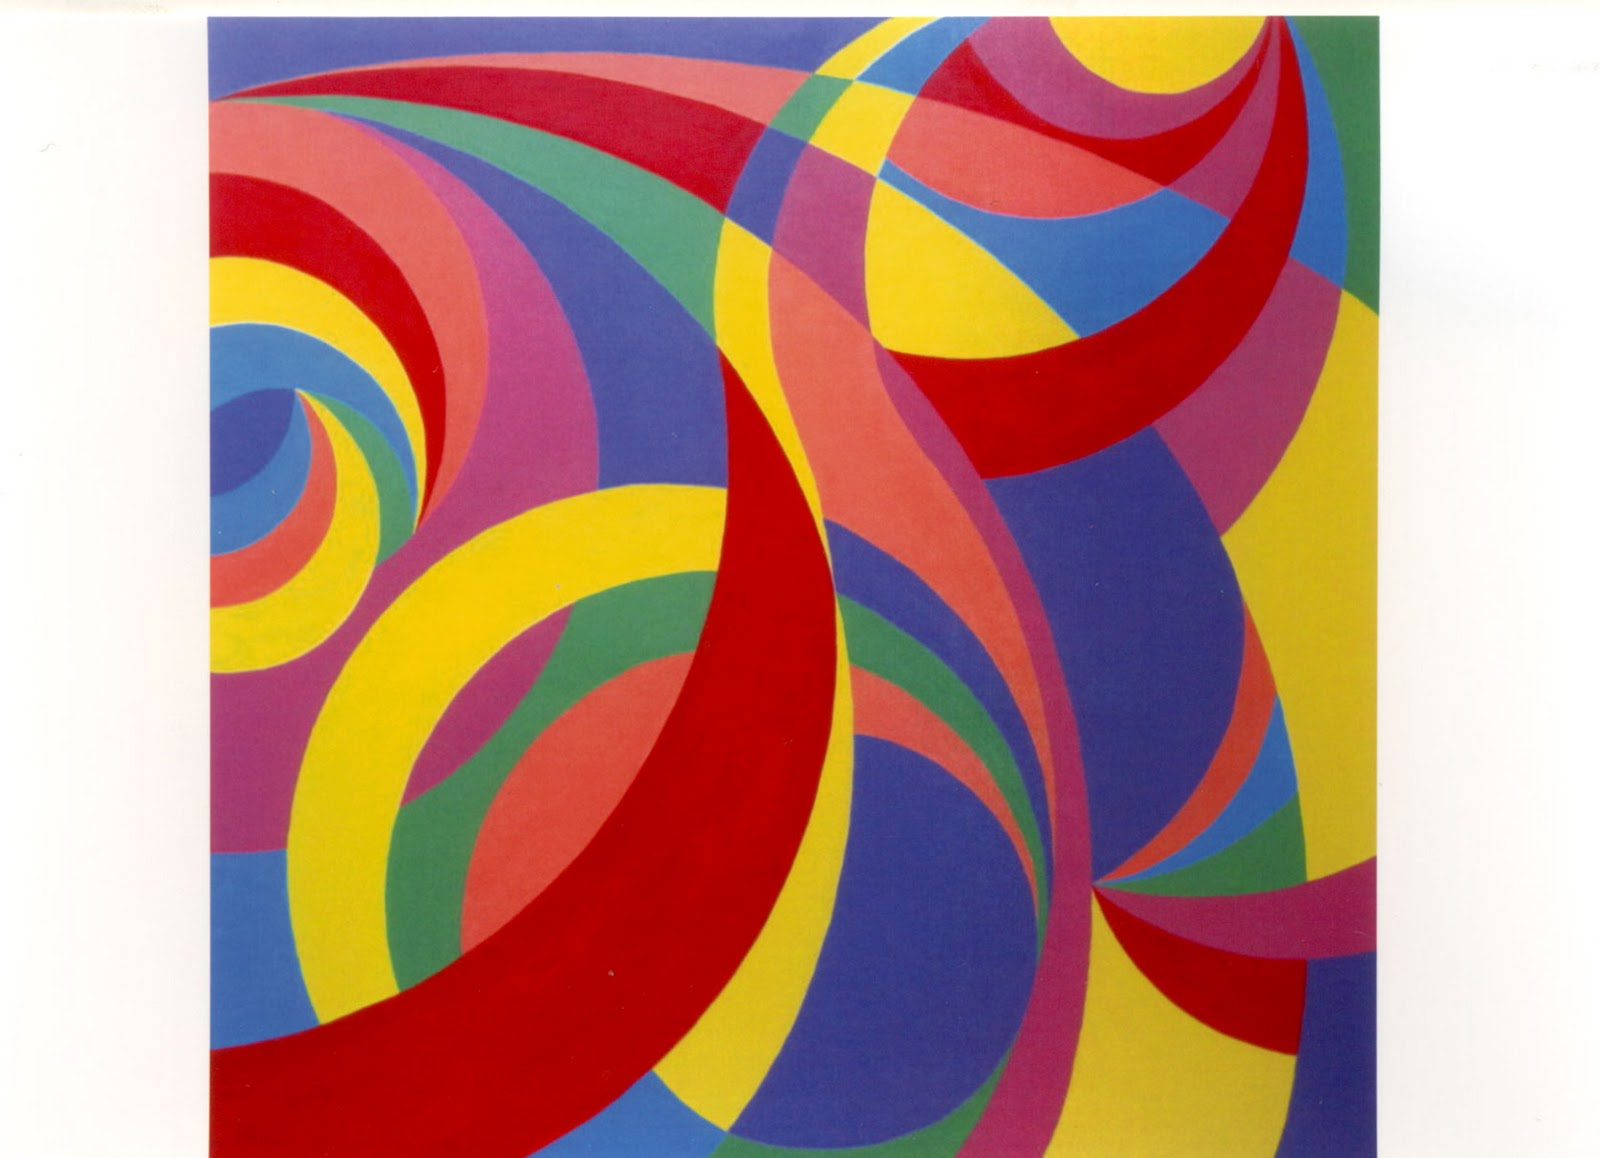 Círculos em concordância, de autoria da artista plástica Aline Paula Ragazzi